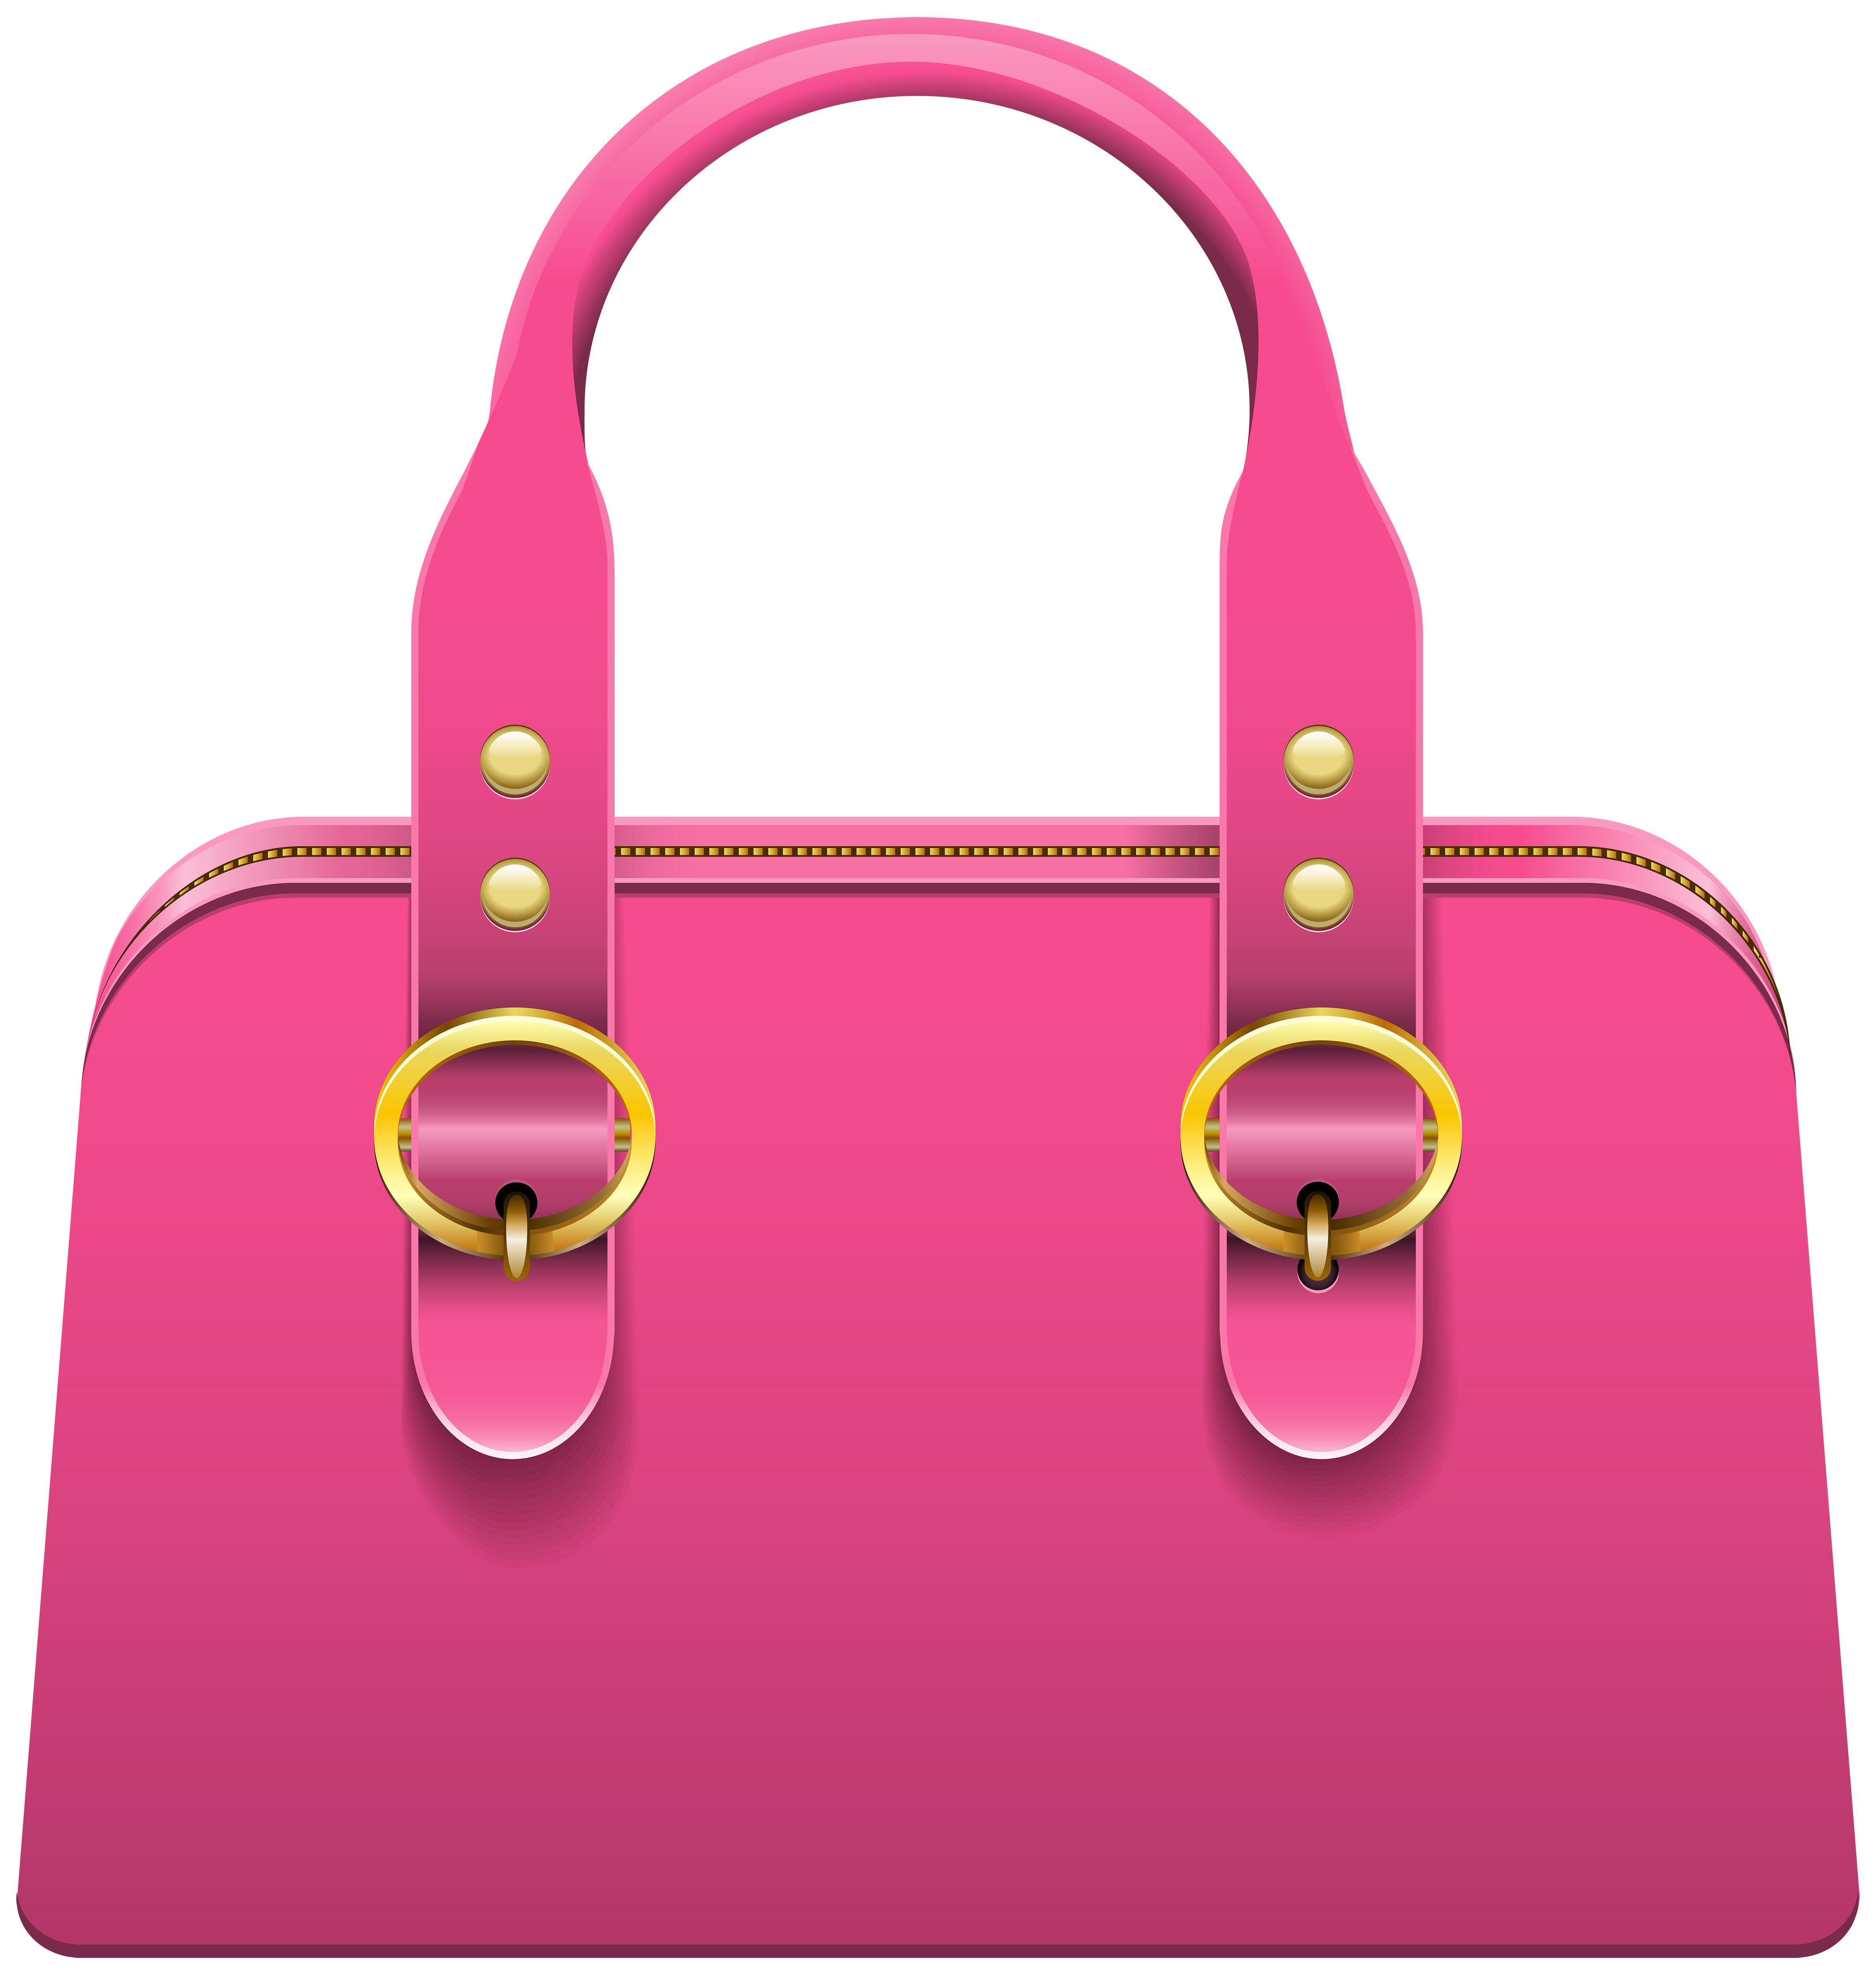 Instruments clipart pink. Handbag png clip art